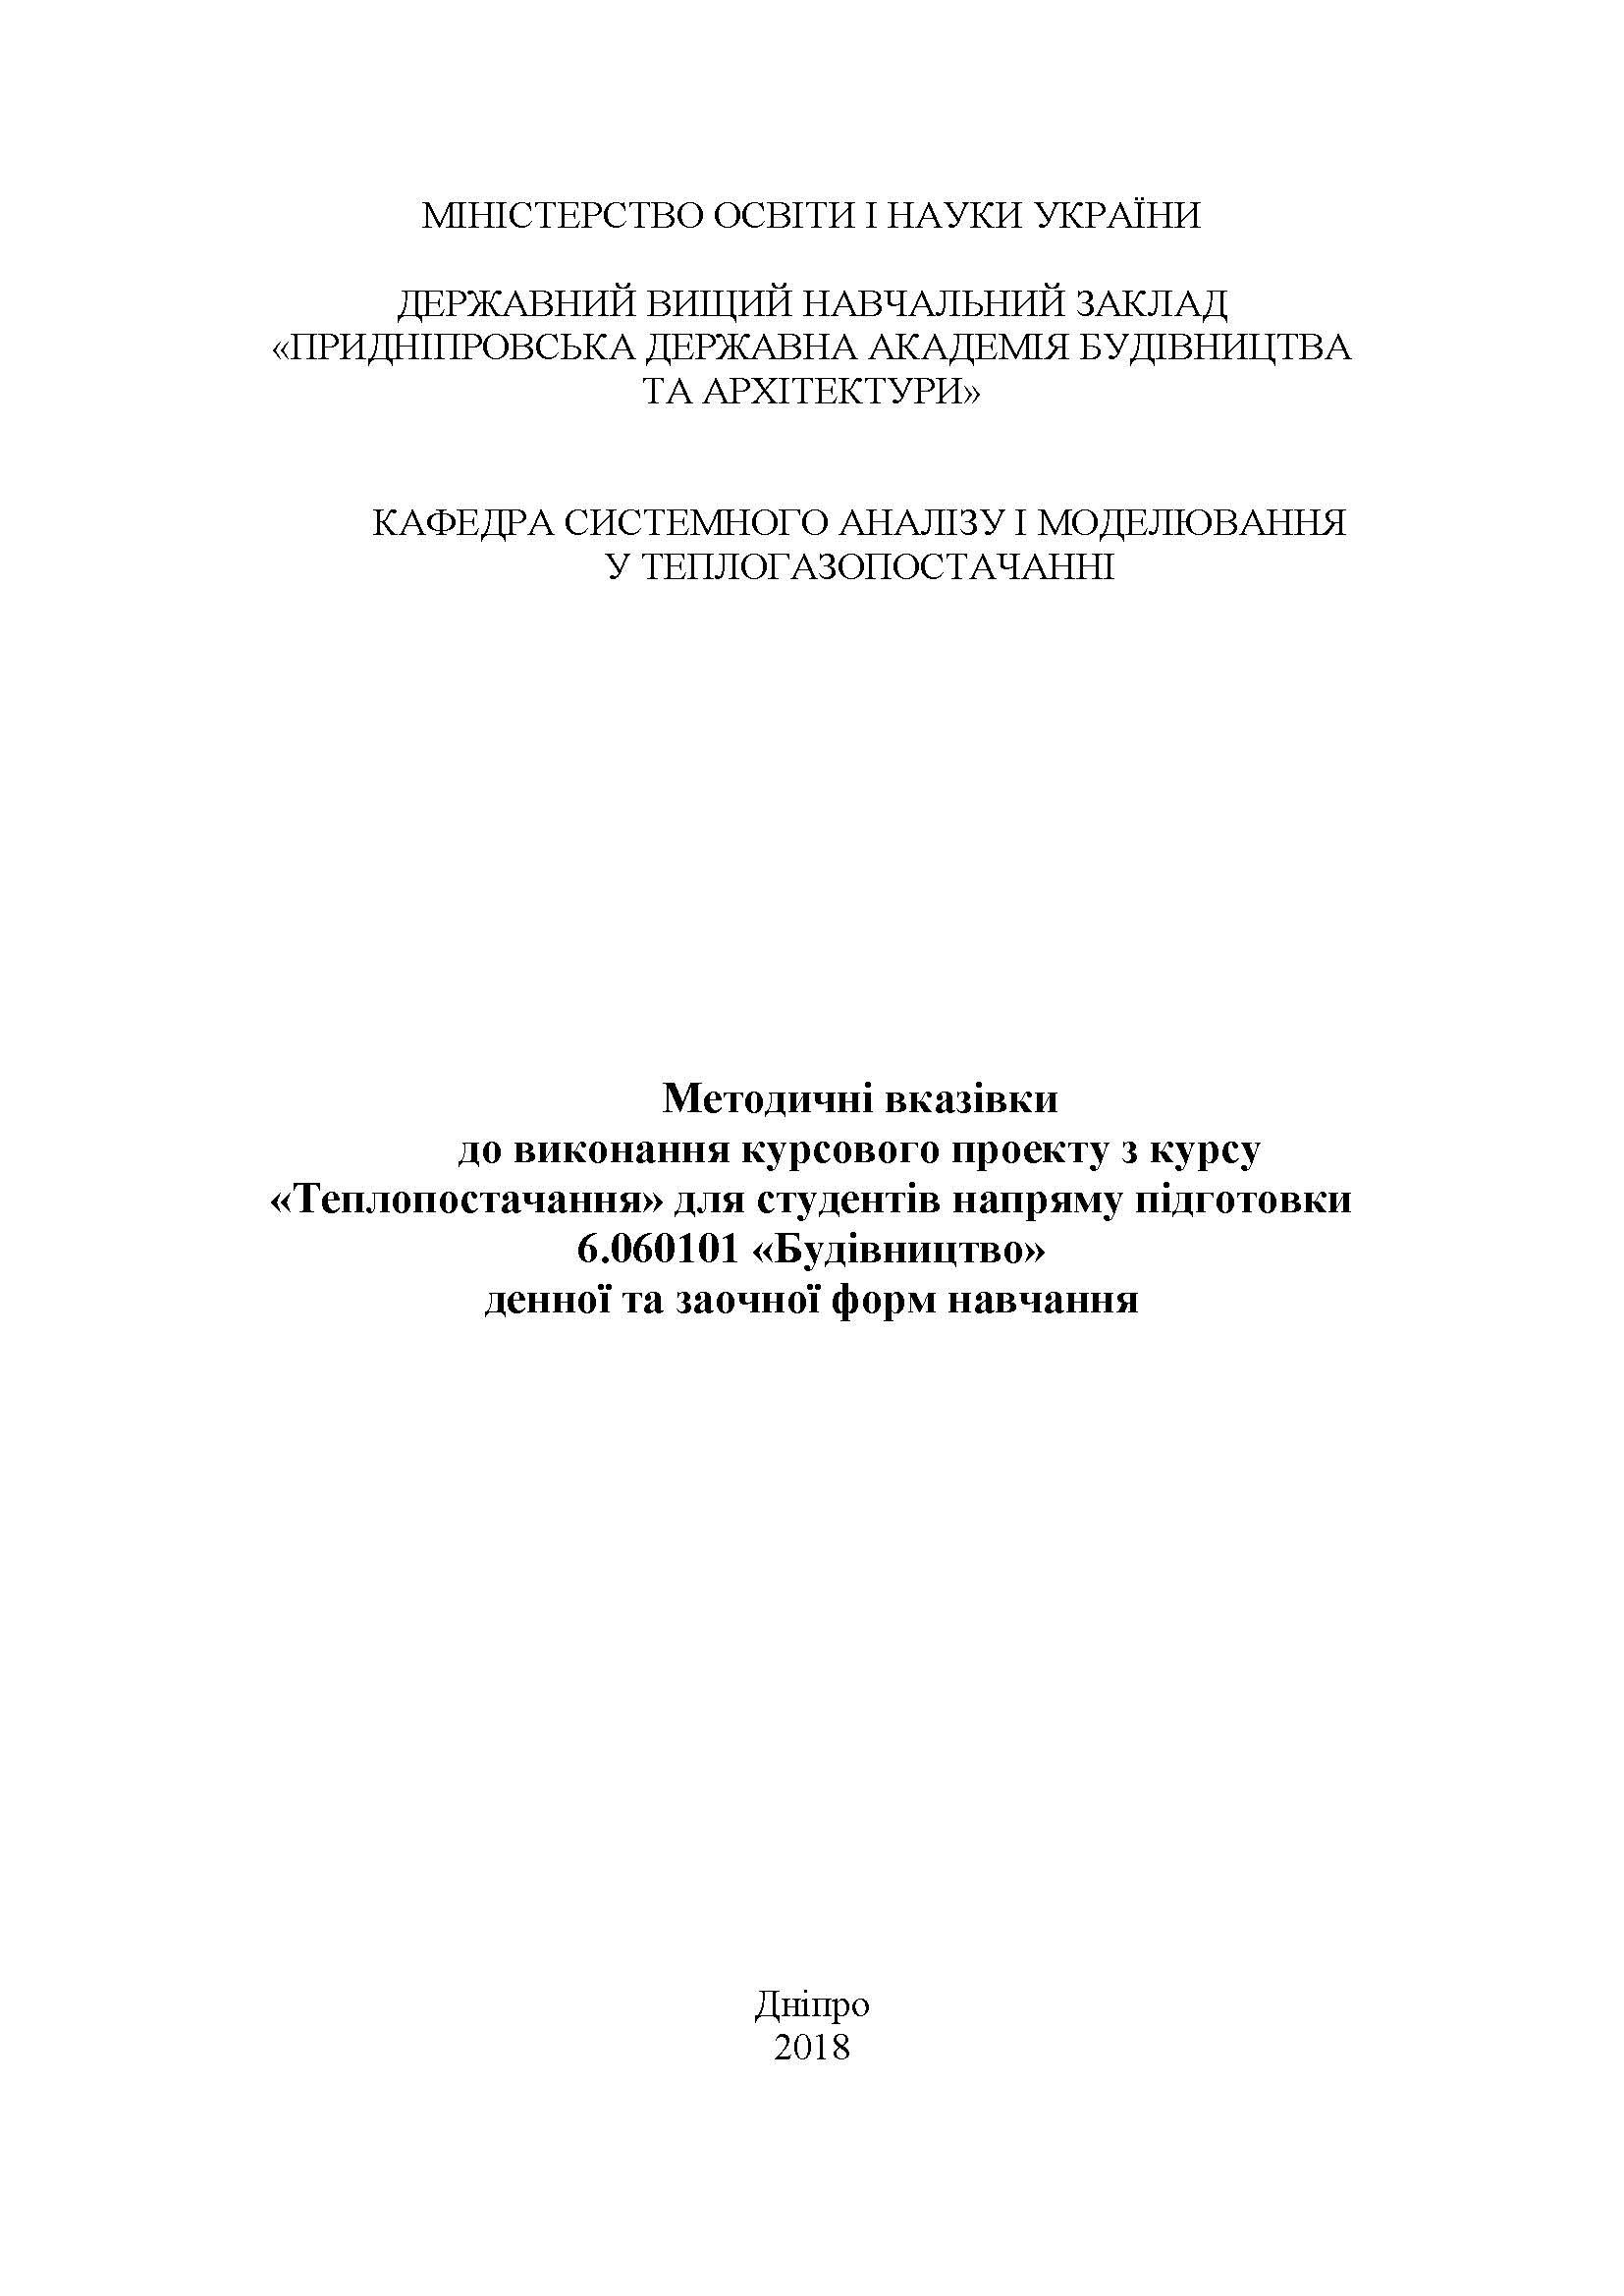 Методичні вказівки до виконання курсового проекту з курсу «Теплопостачання», 2018